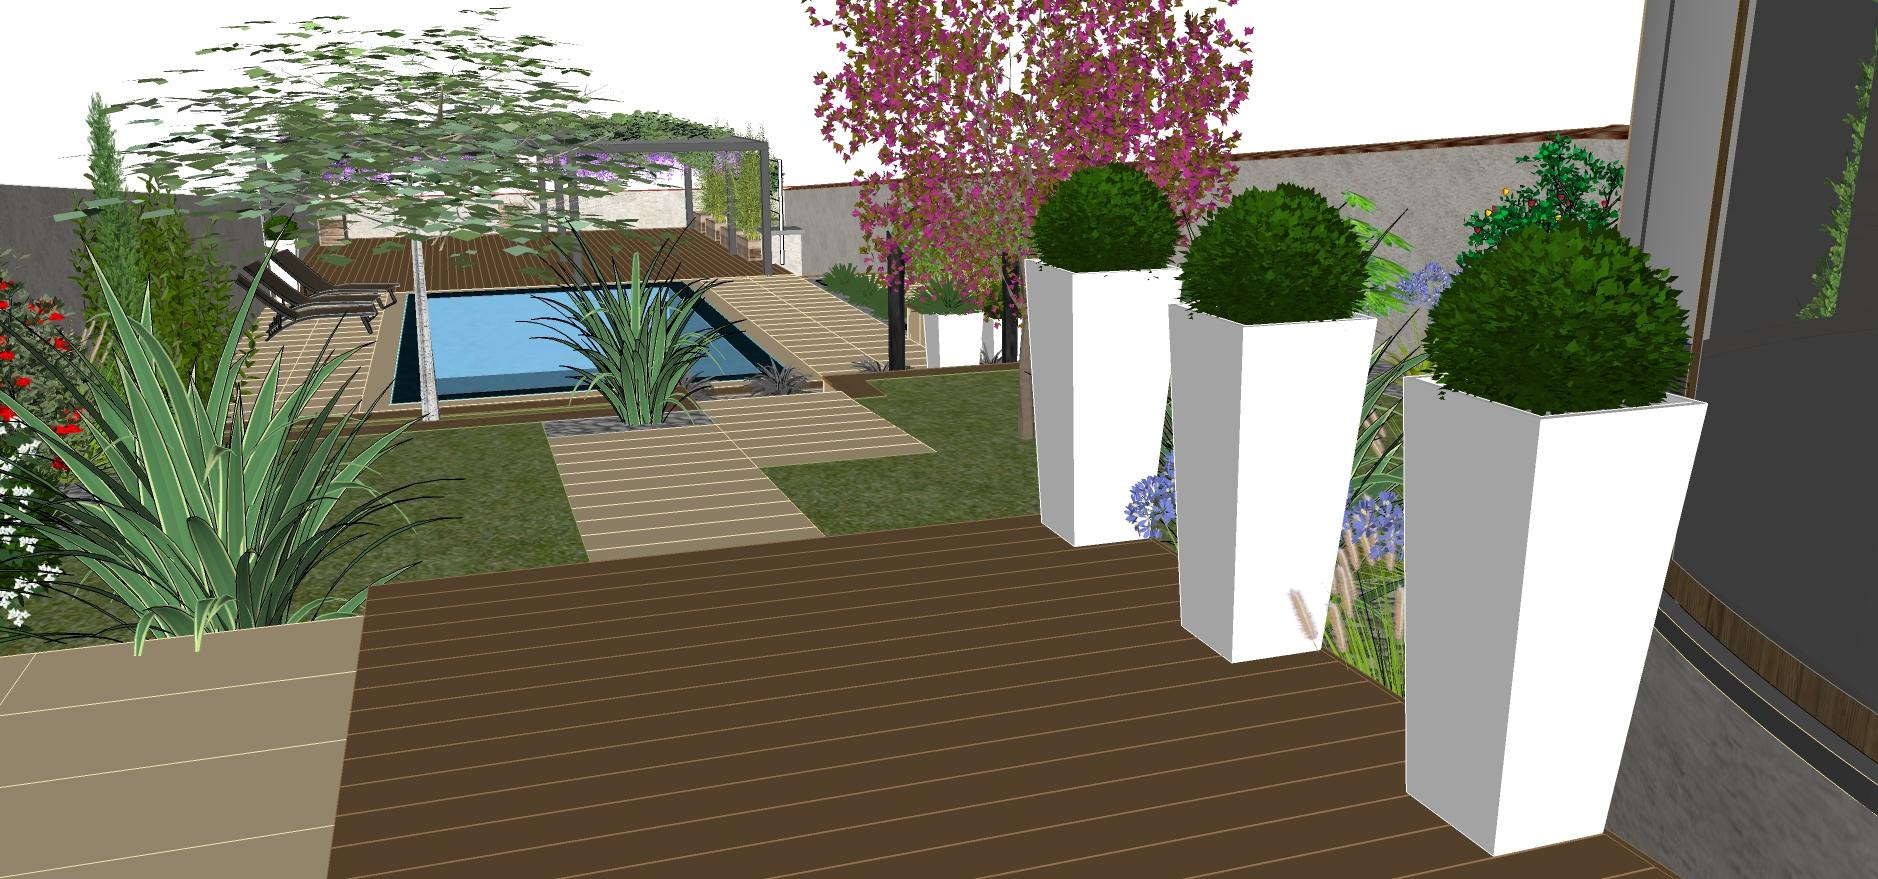 Conception De Jardin Avec Plan En D Dans Le Sud De Lyon With Logiciel  Gratuit Jardin 3d